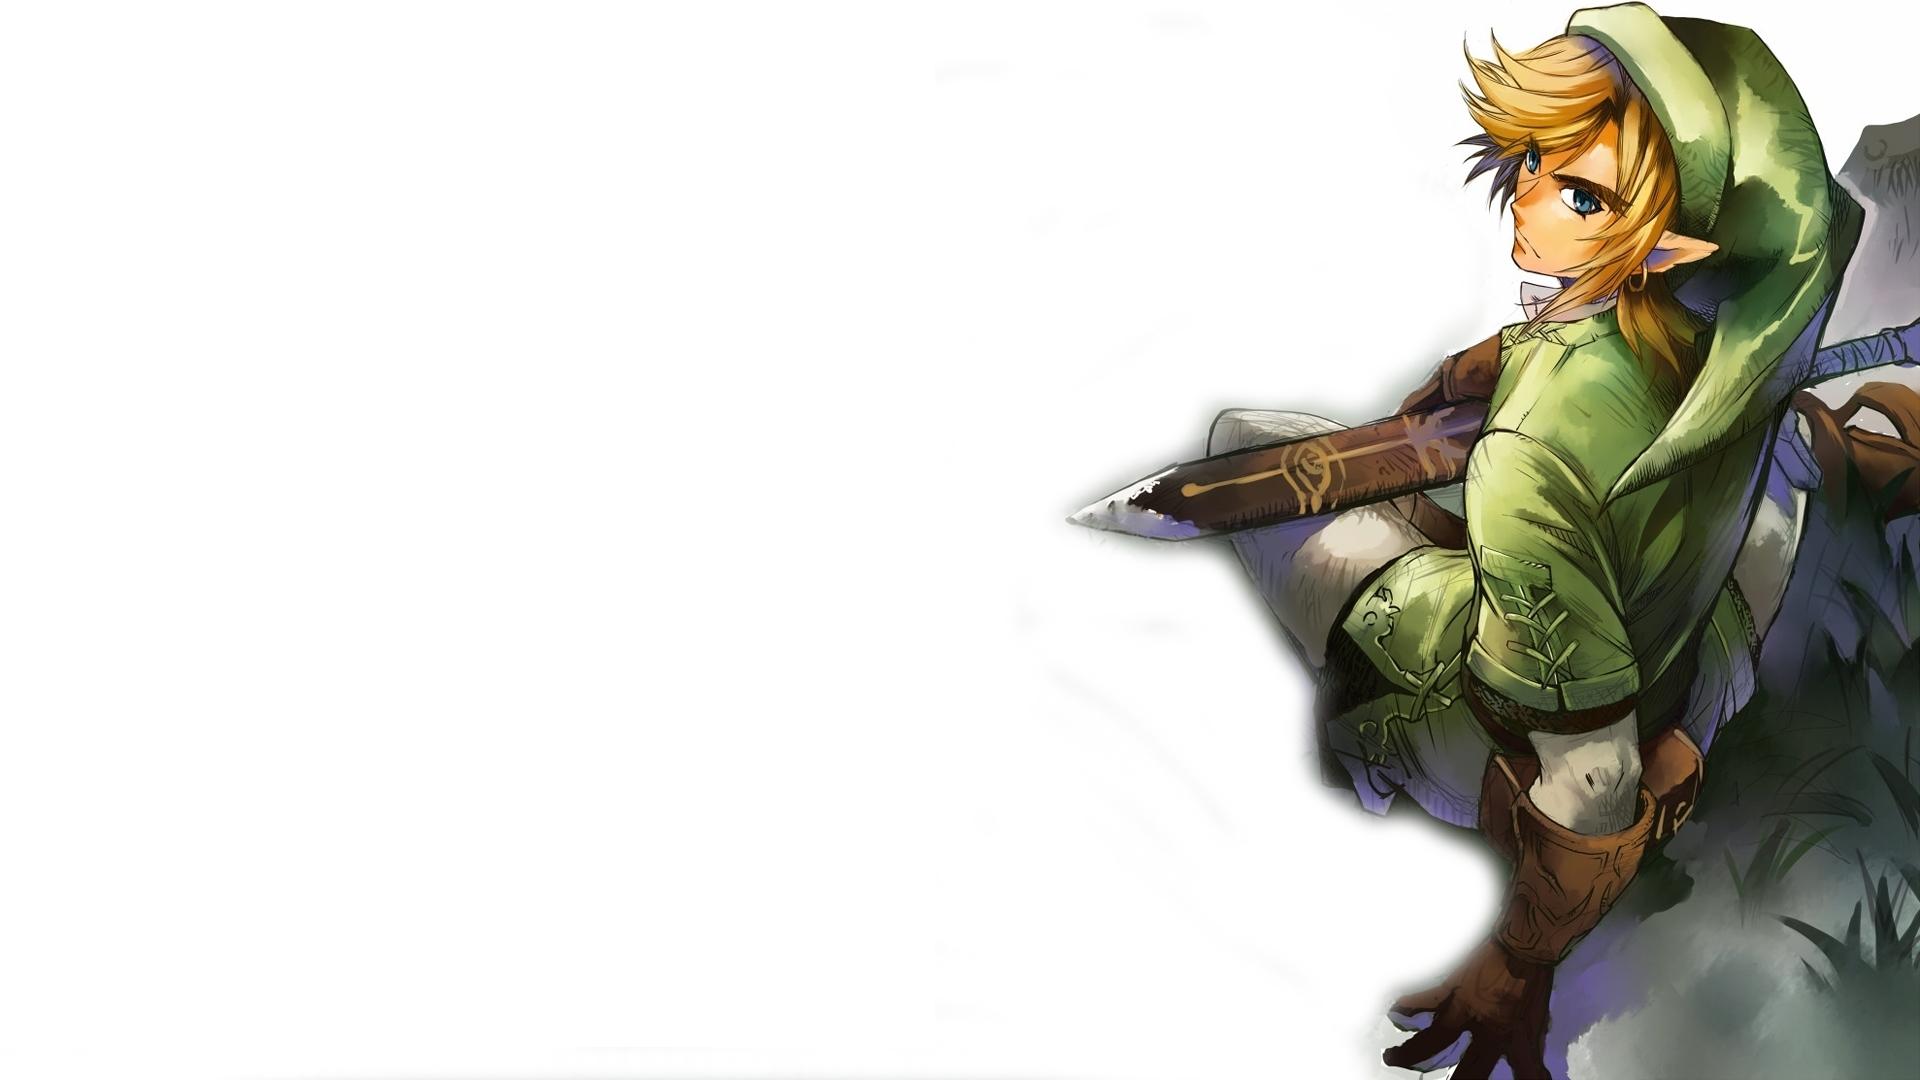 10 Best Legend Of Zelda Link Wallpapers FULL HD 1080p For ...